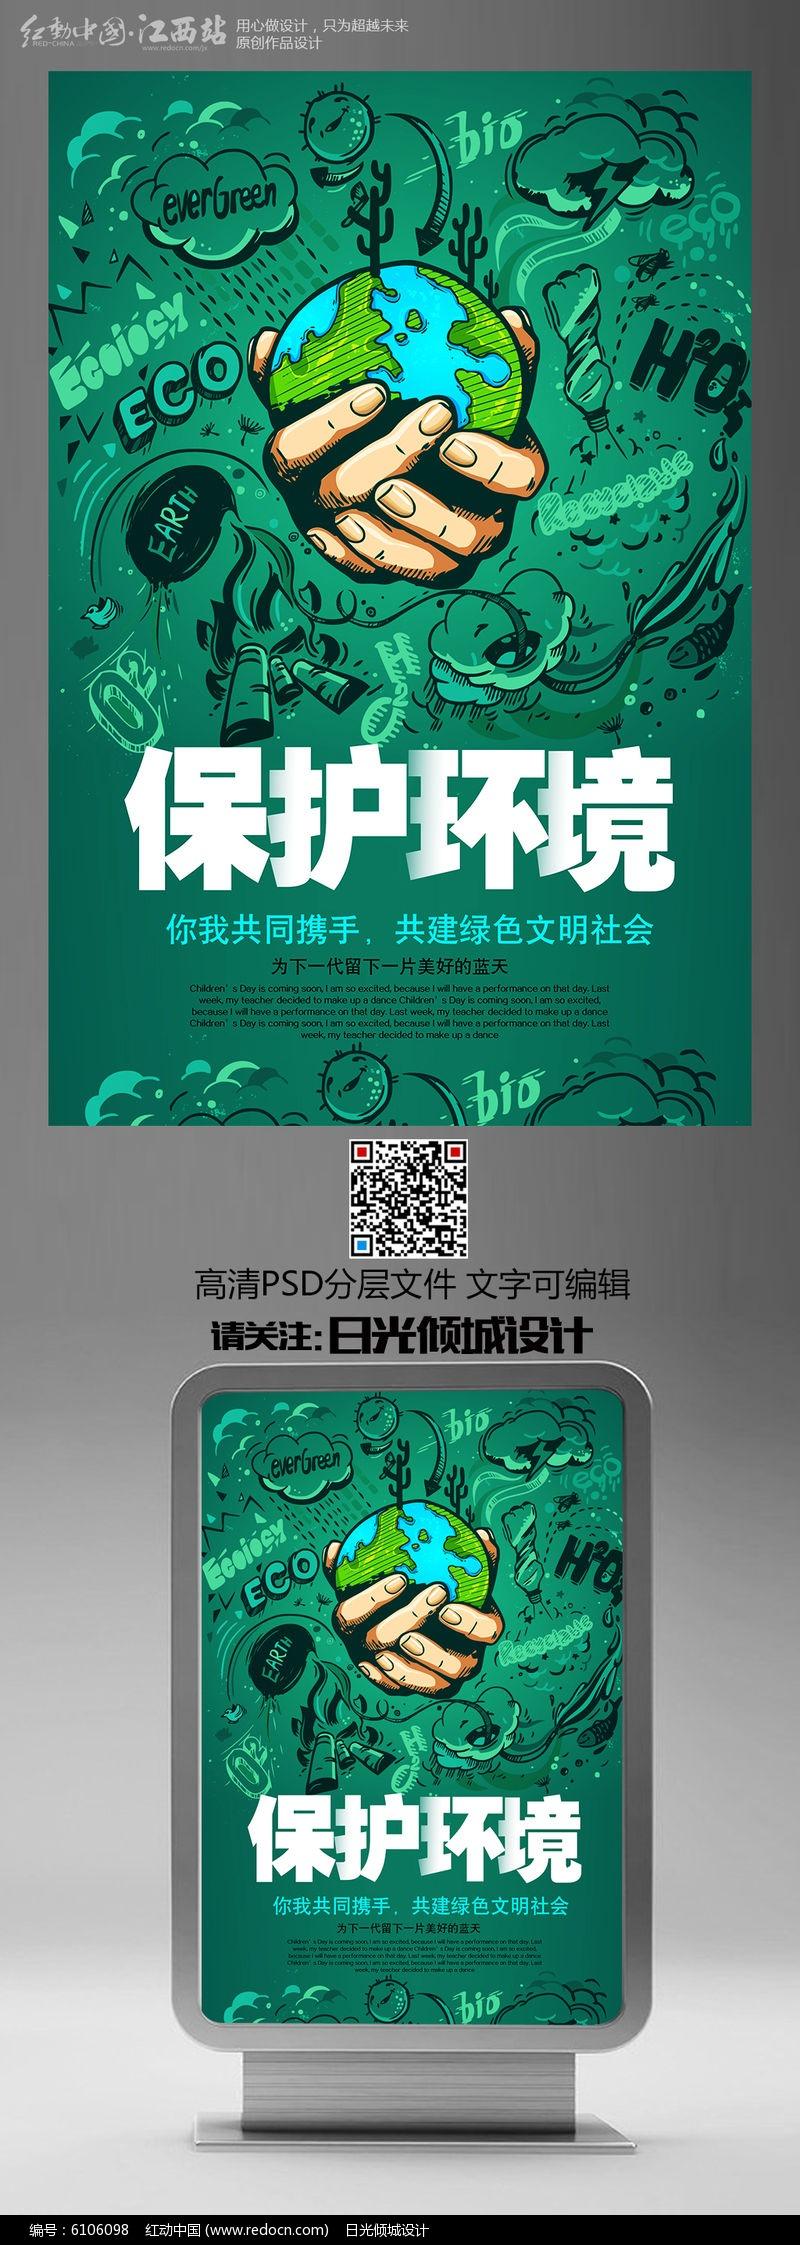 手绘保护环境公益海报设计